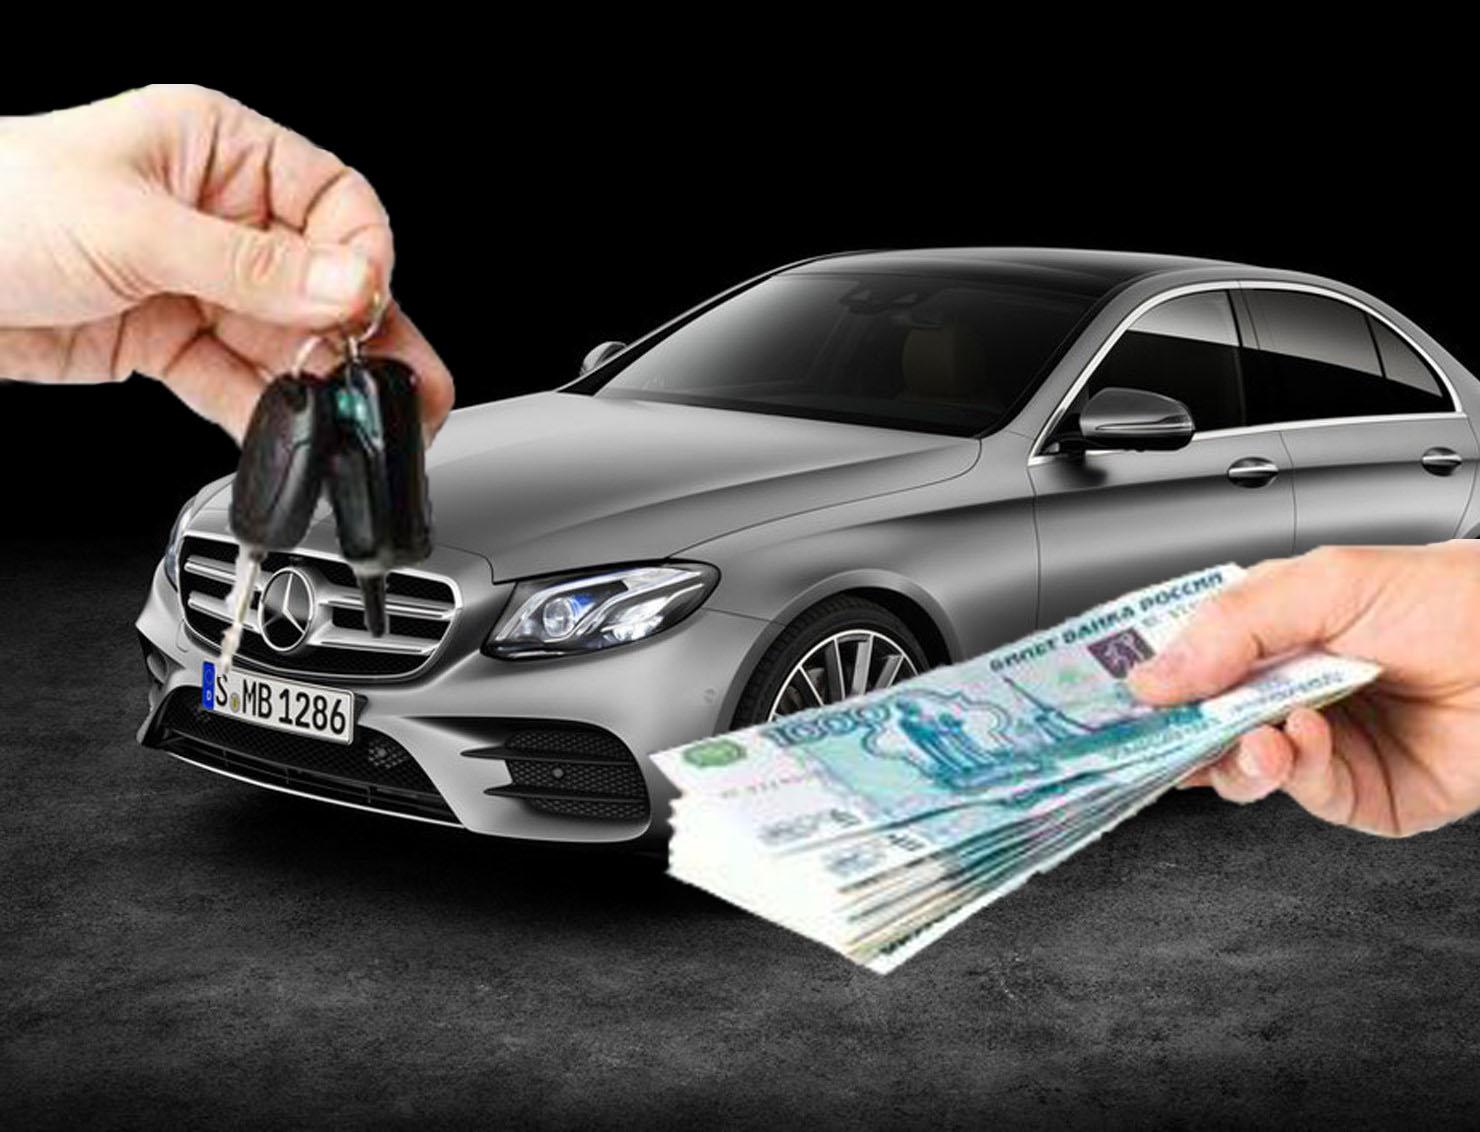 Авто за деньги киров автосалоны с подержанными машинами москве